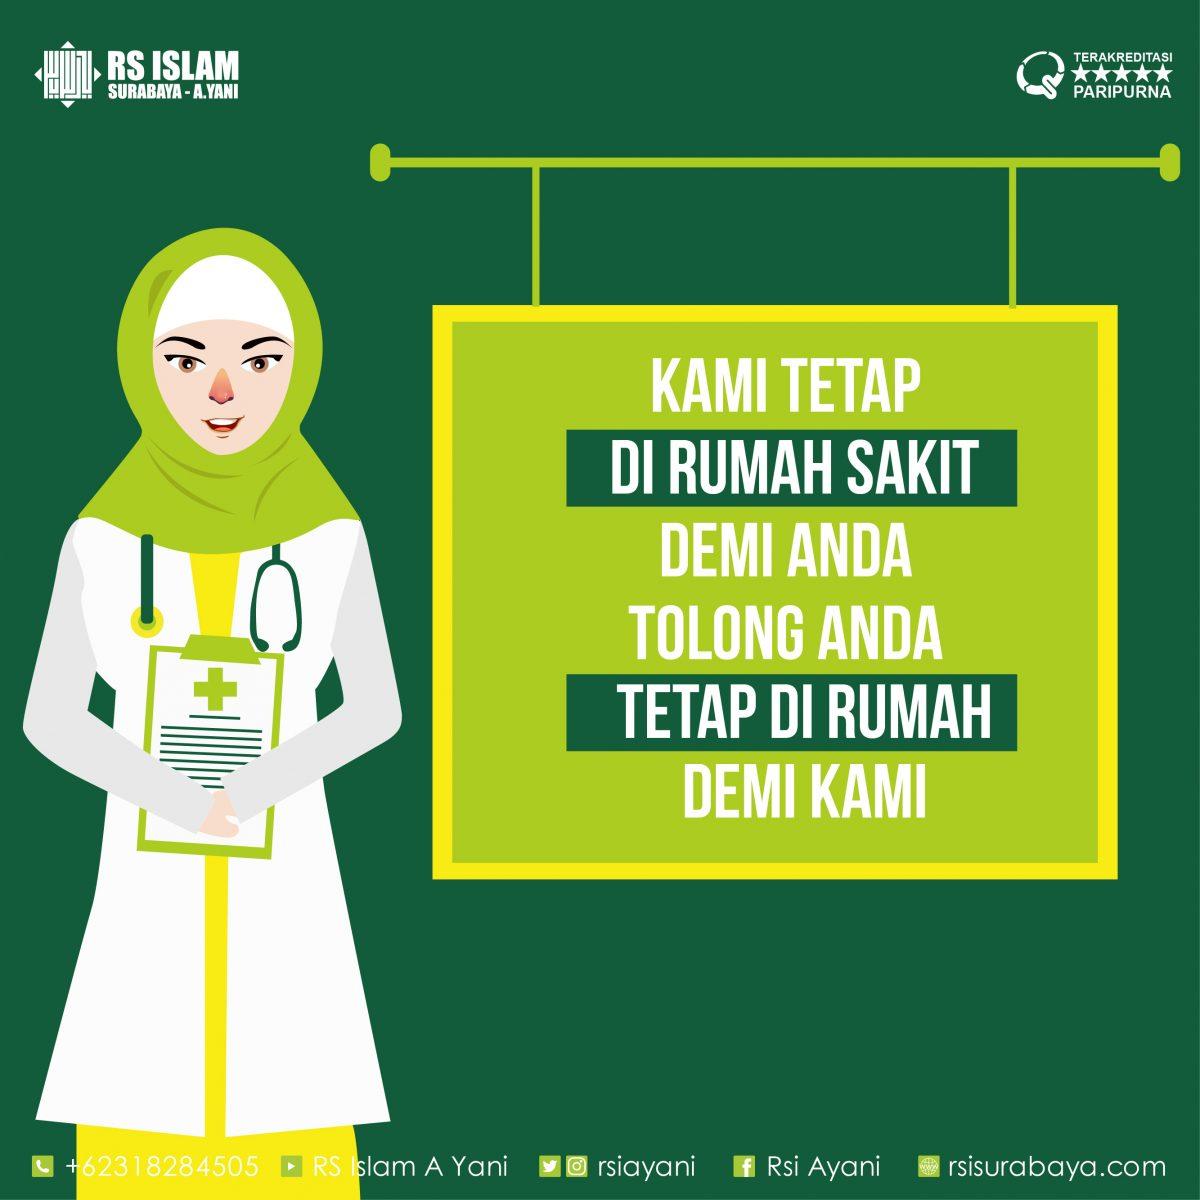 dokter-01-01-1200x1200.jpg